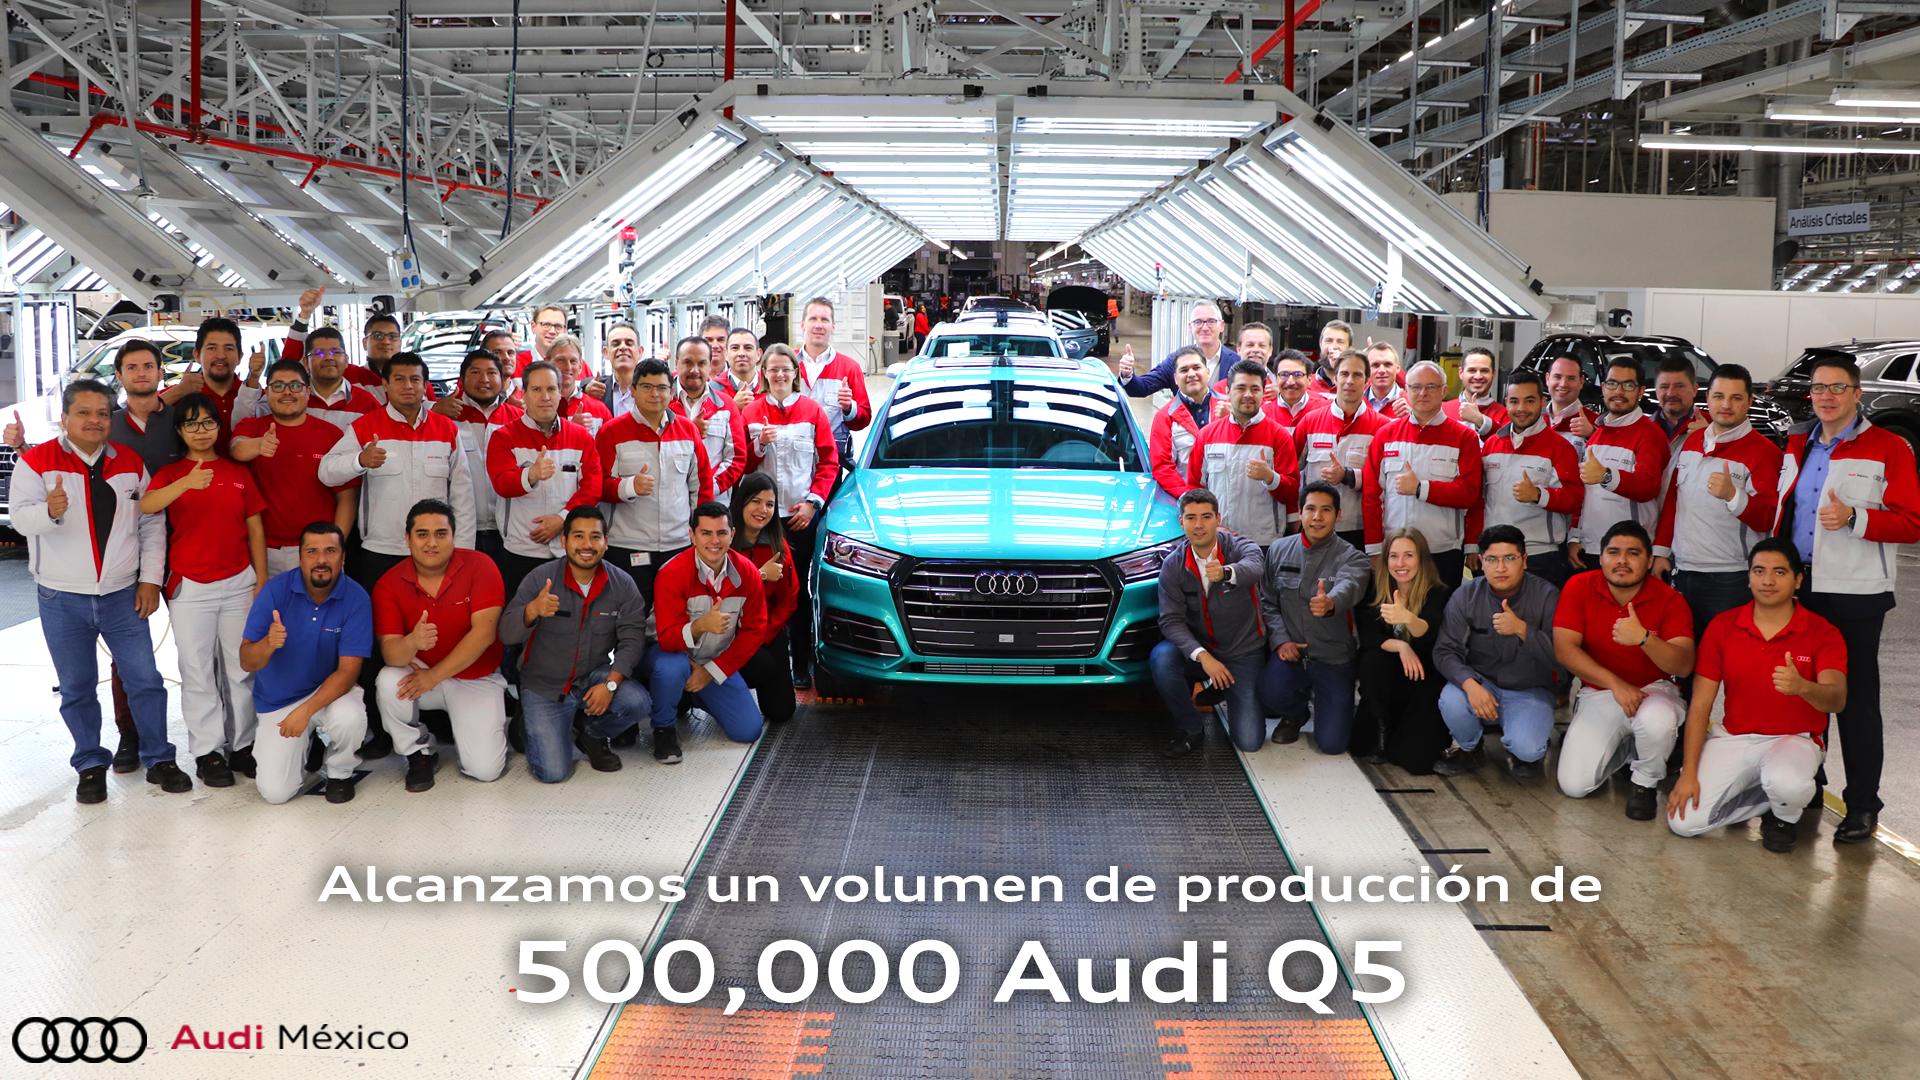 Medio millón de Audi Q5 se han producido en México